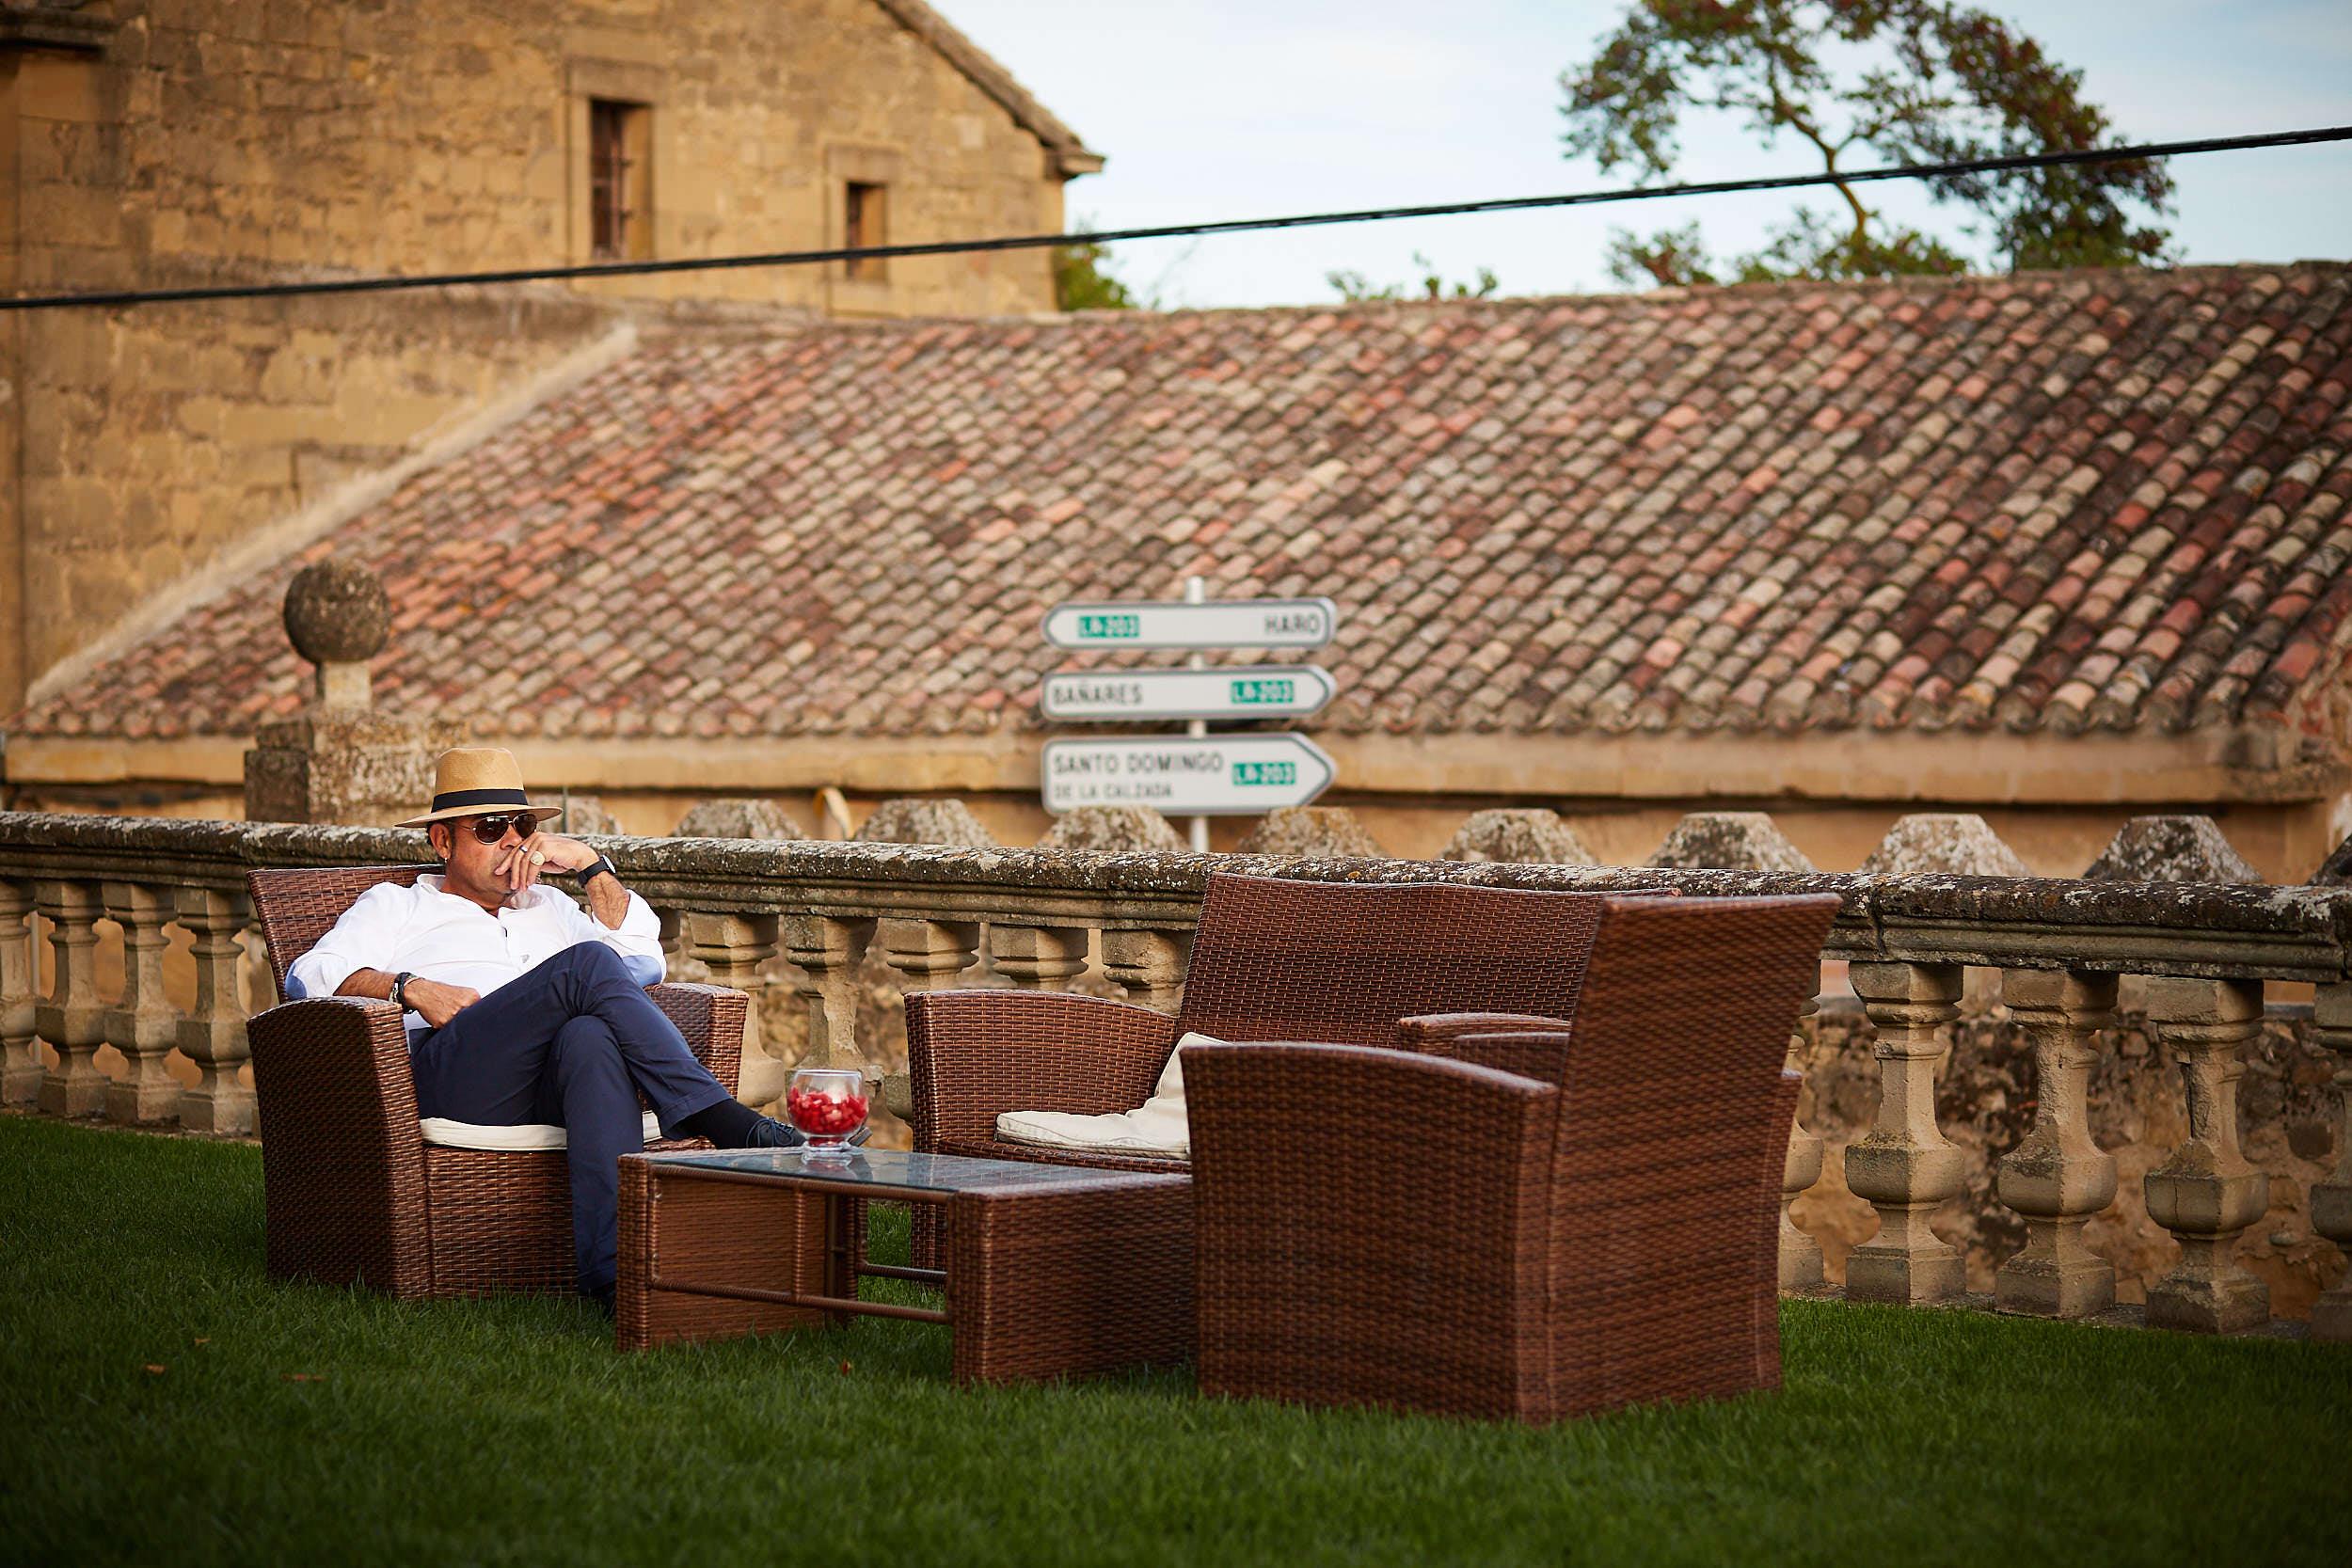 Fotógrafo de boda con estilo documental y fotoperiodismo en La Rioja Palacio Casafuerte Zarraton La Rioja Spain James Sturcke Photographer sturcke.org_00030.jpg